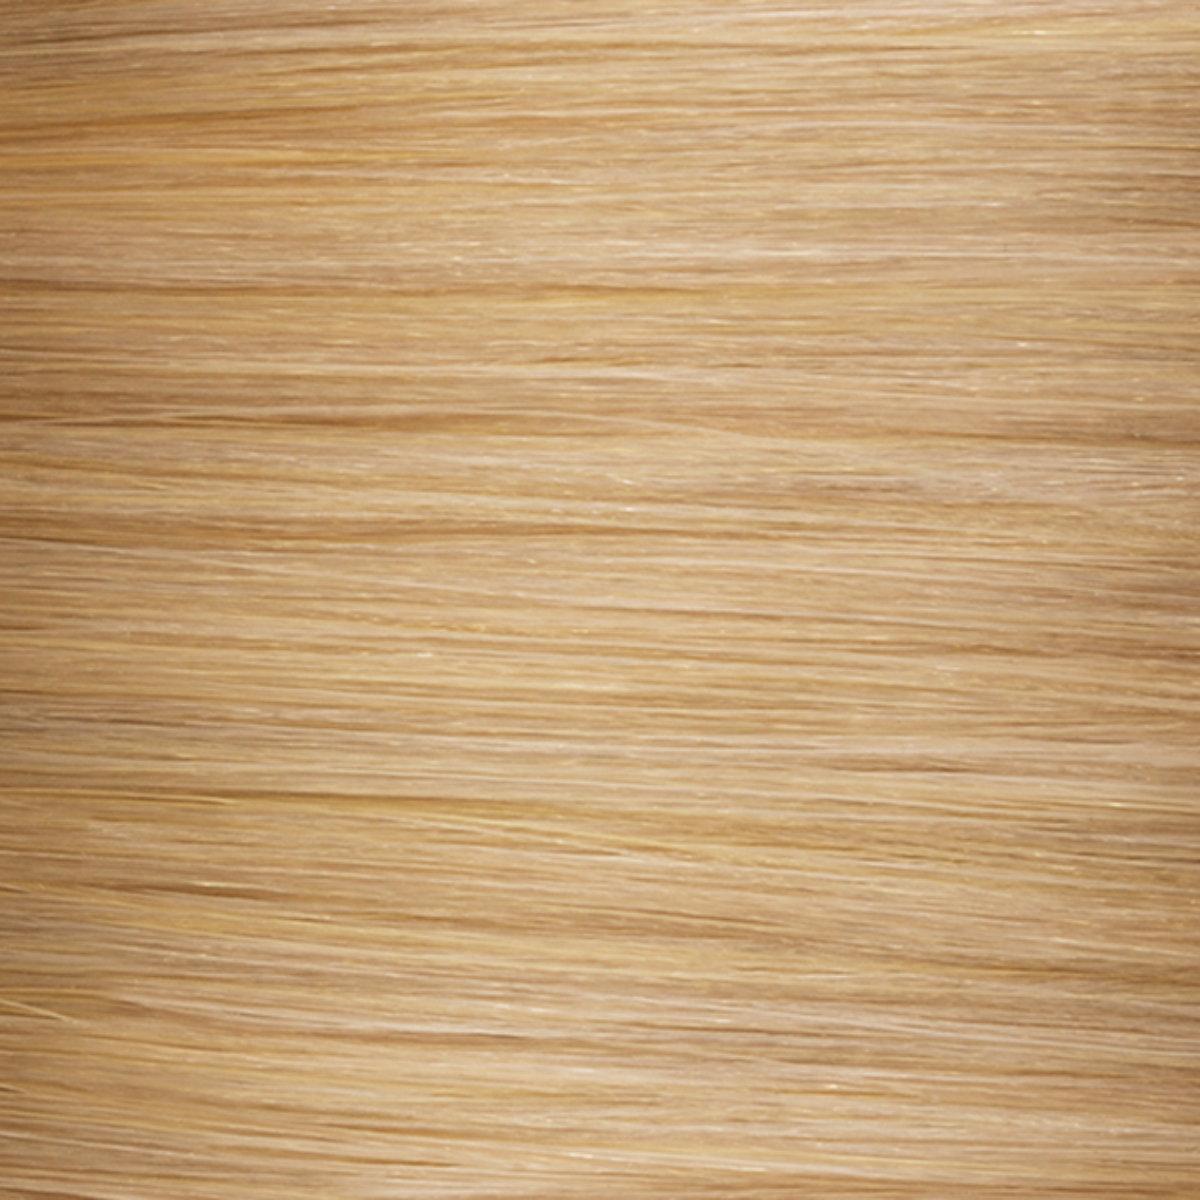 mocha lights blonde hair color